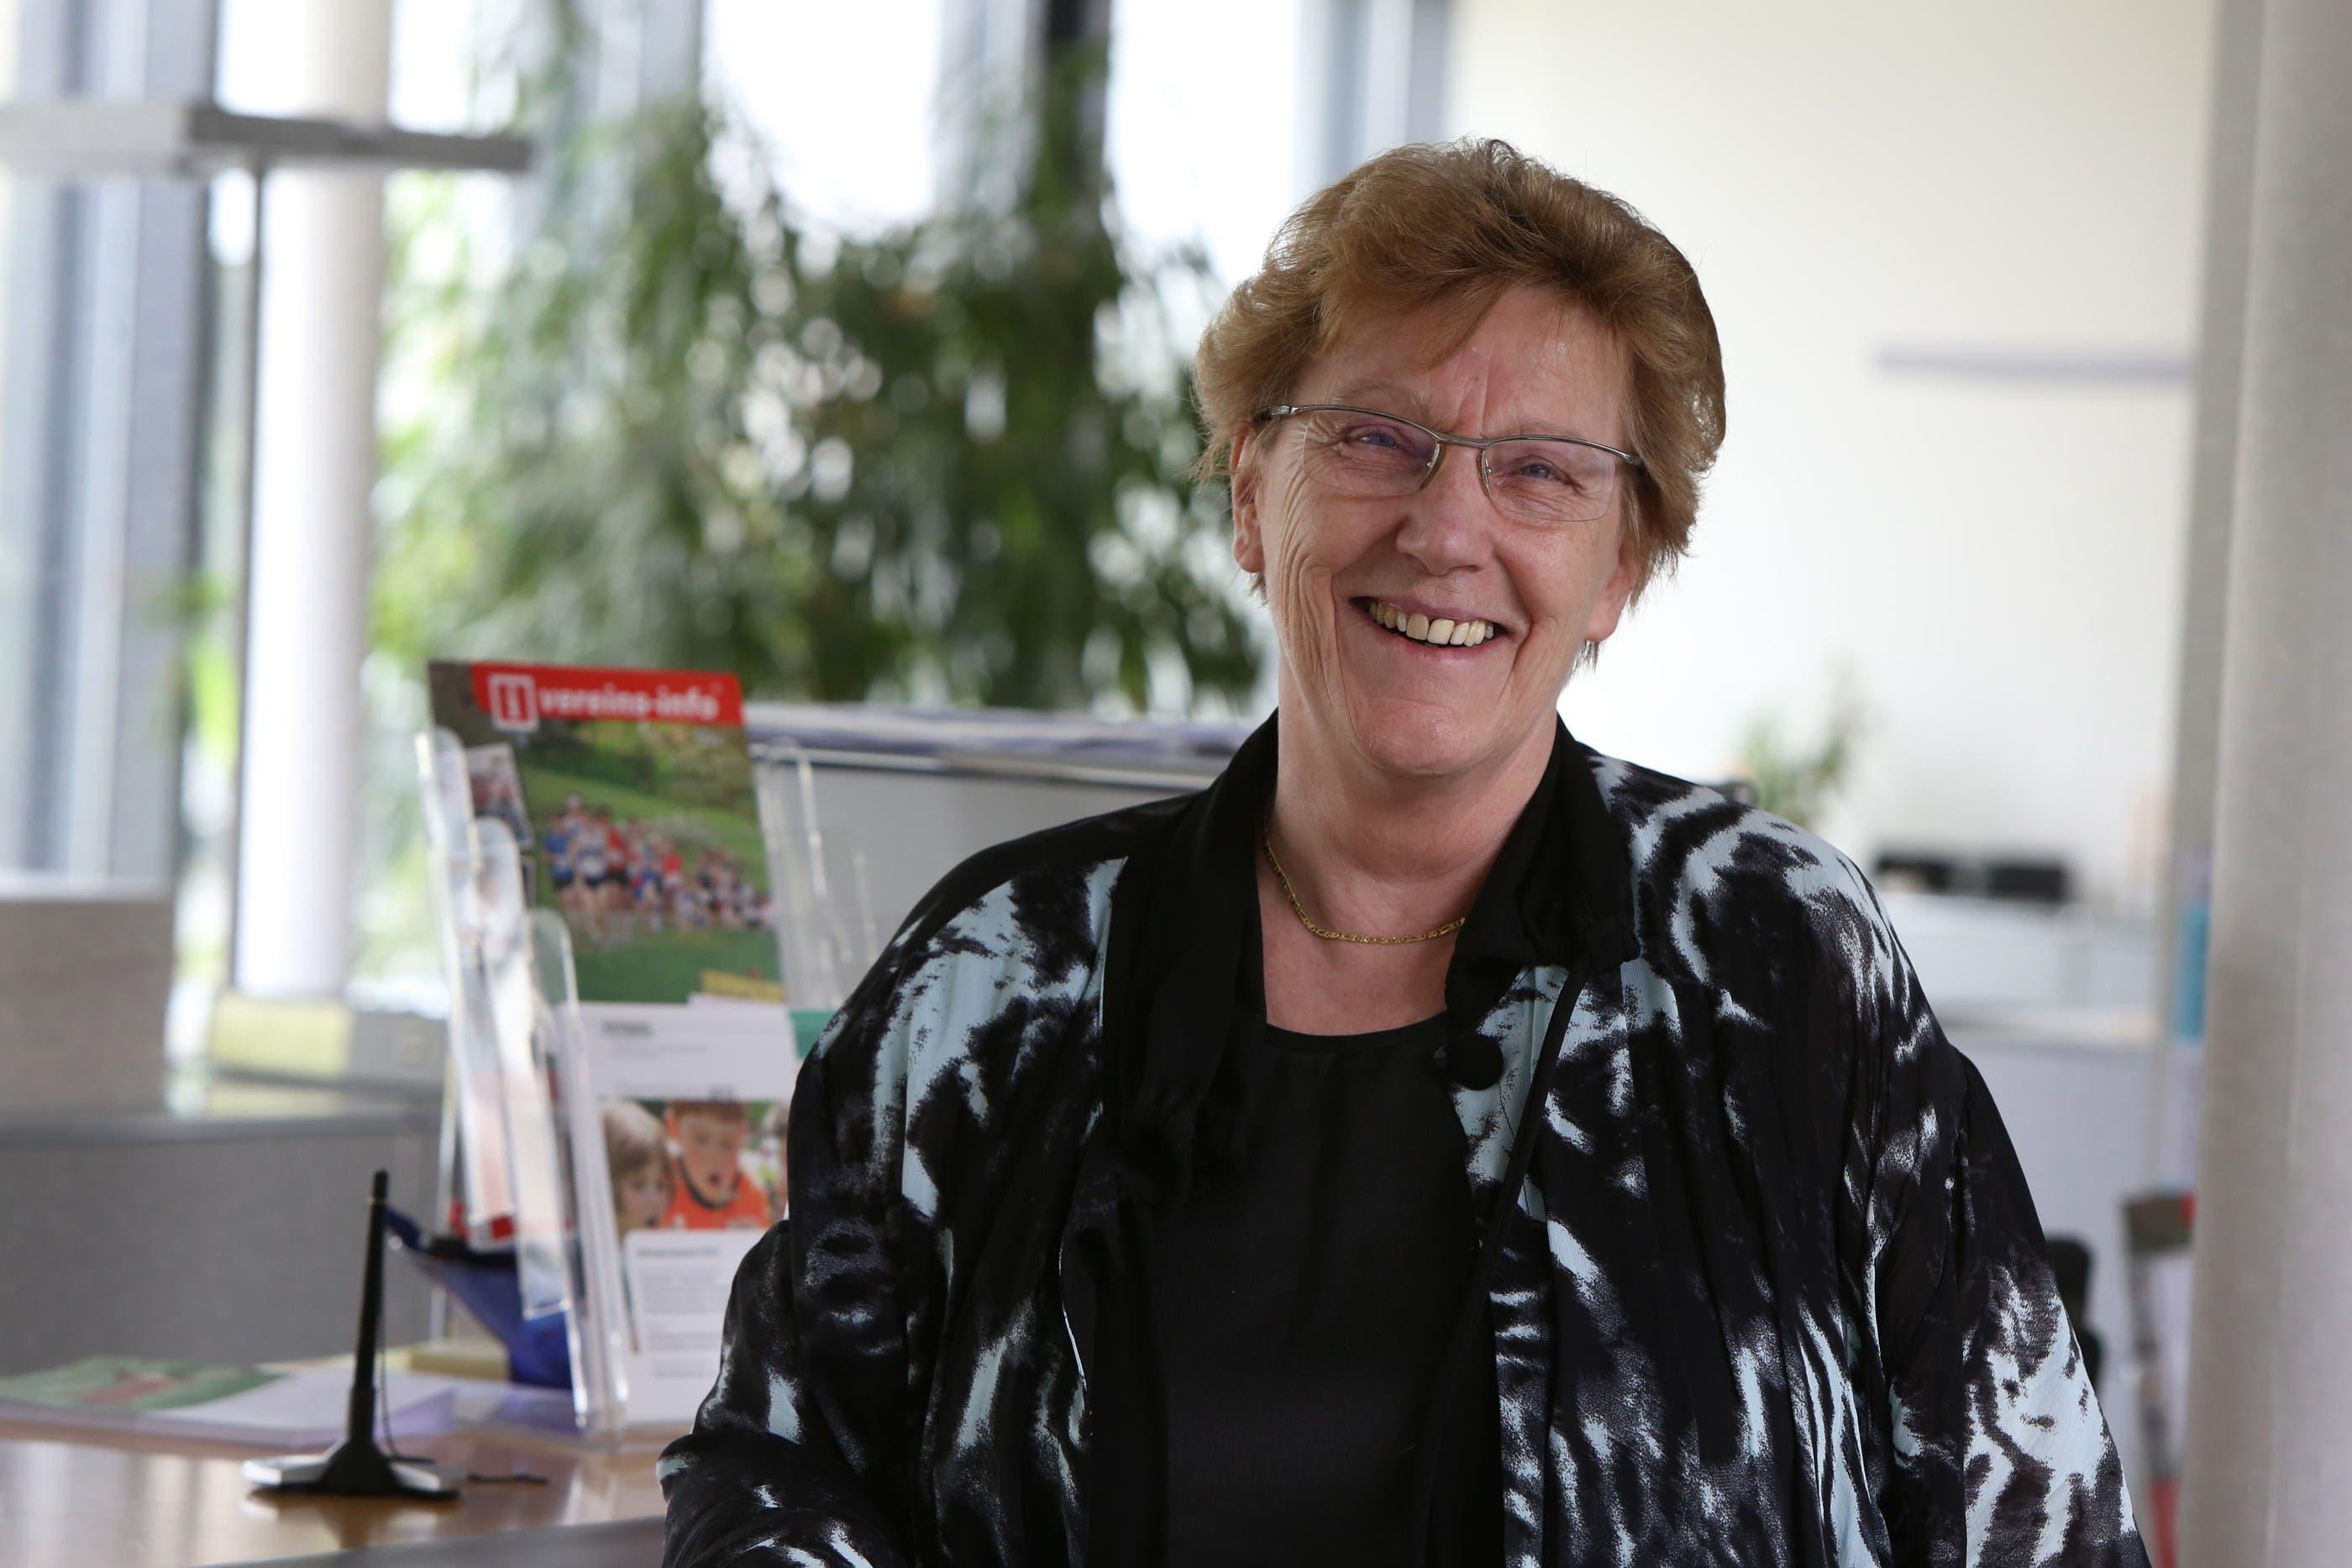 Kategorie Politiker: Johanna Bartholdi, 62, Gemeindepräsidentin von Egerkingen Sie hat mit dem Thema Steuerpranger für Schlagzeilen gesorgt